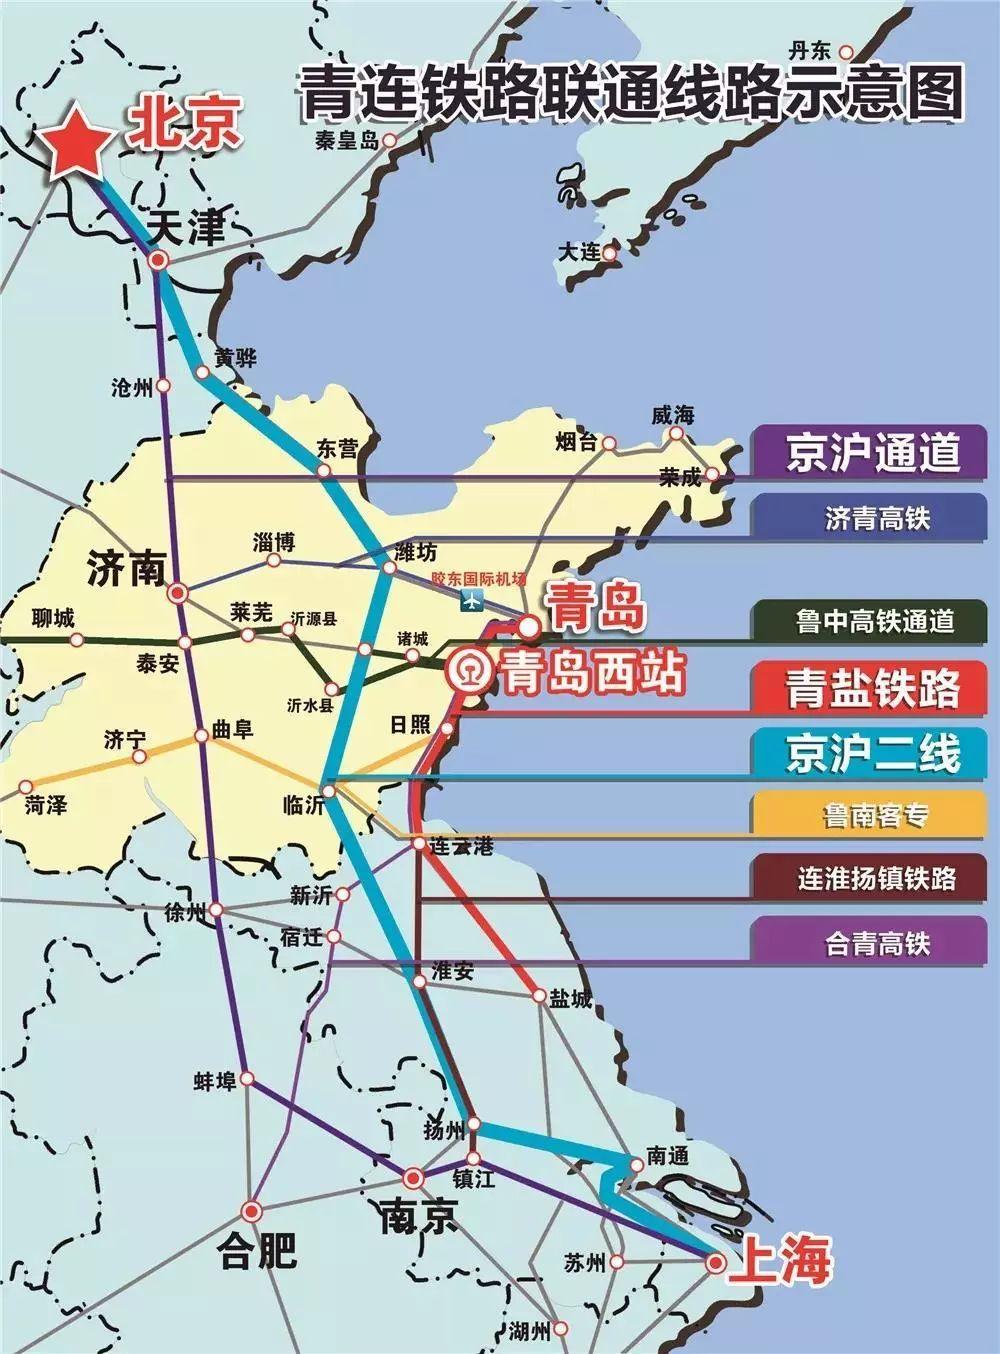 青岛西站预计下月通车,西海岸即将进入高铁时代!